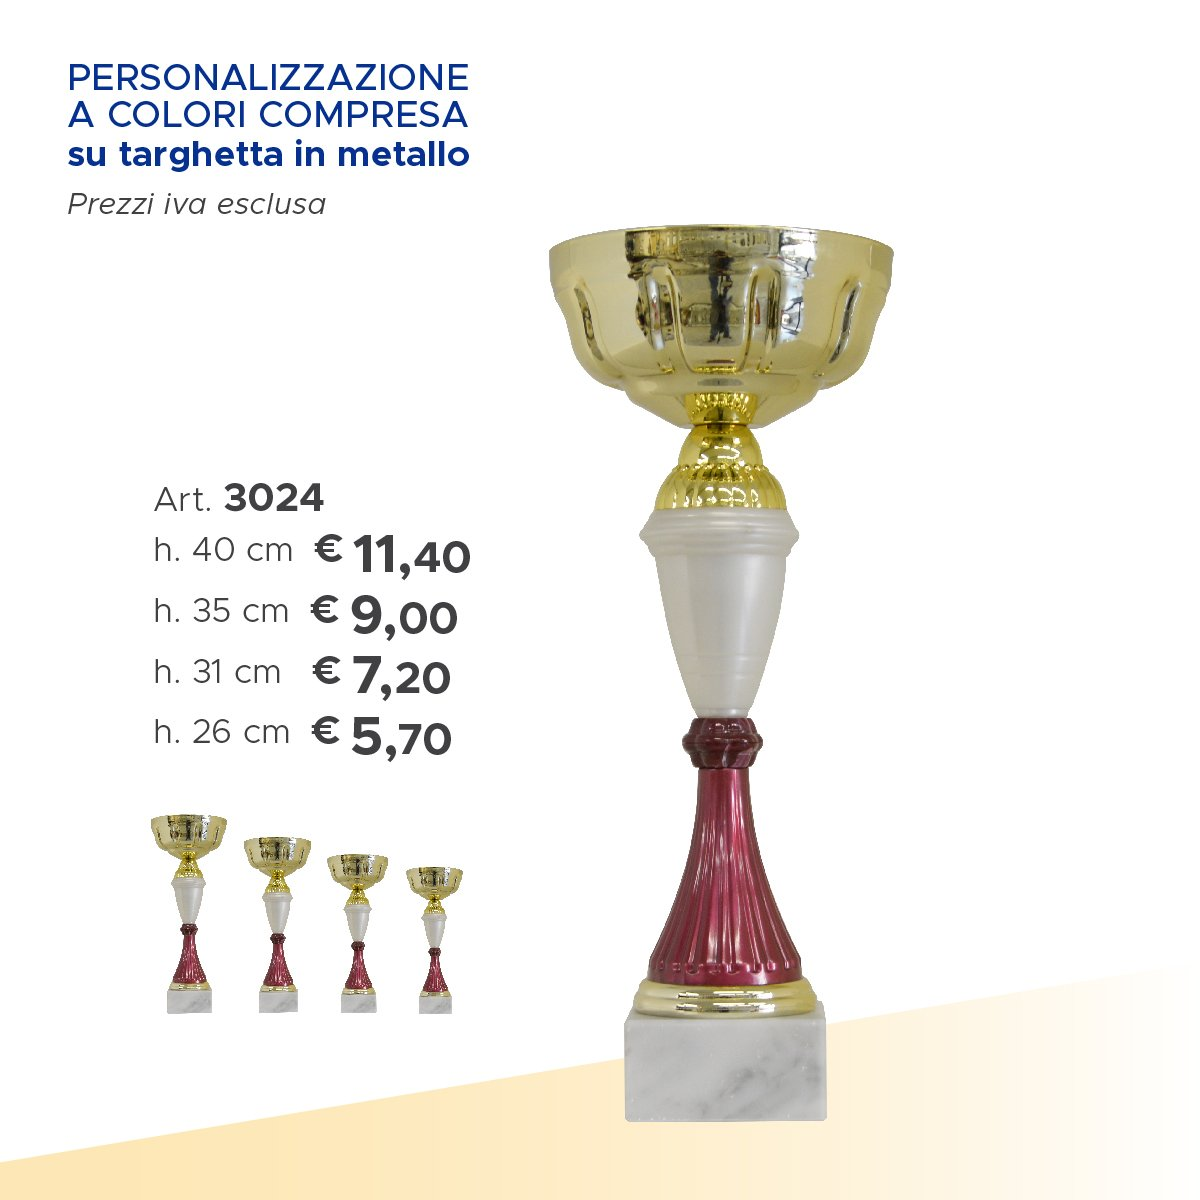 una coppa dorata con un manico bordeaux e accanto le misure e i prezzi disponibili